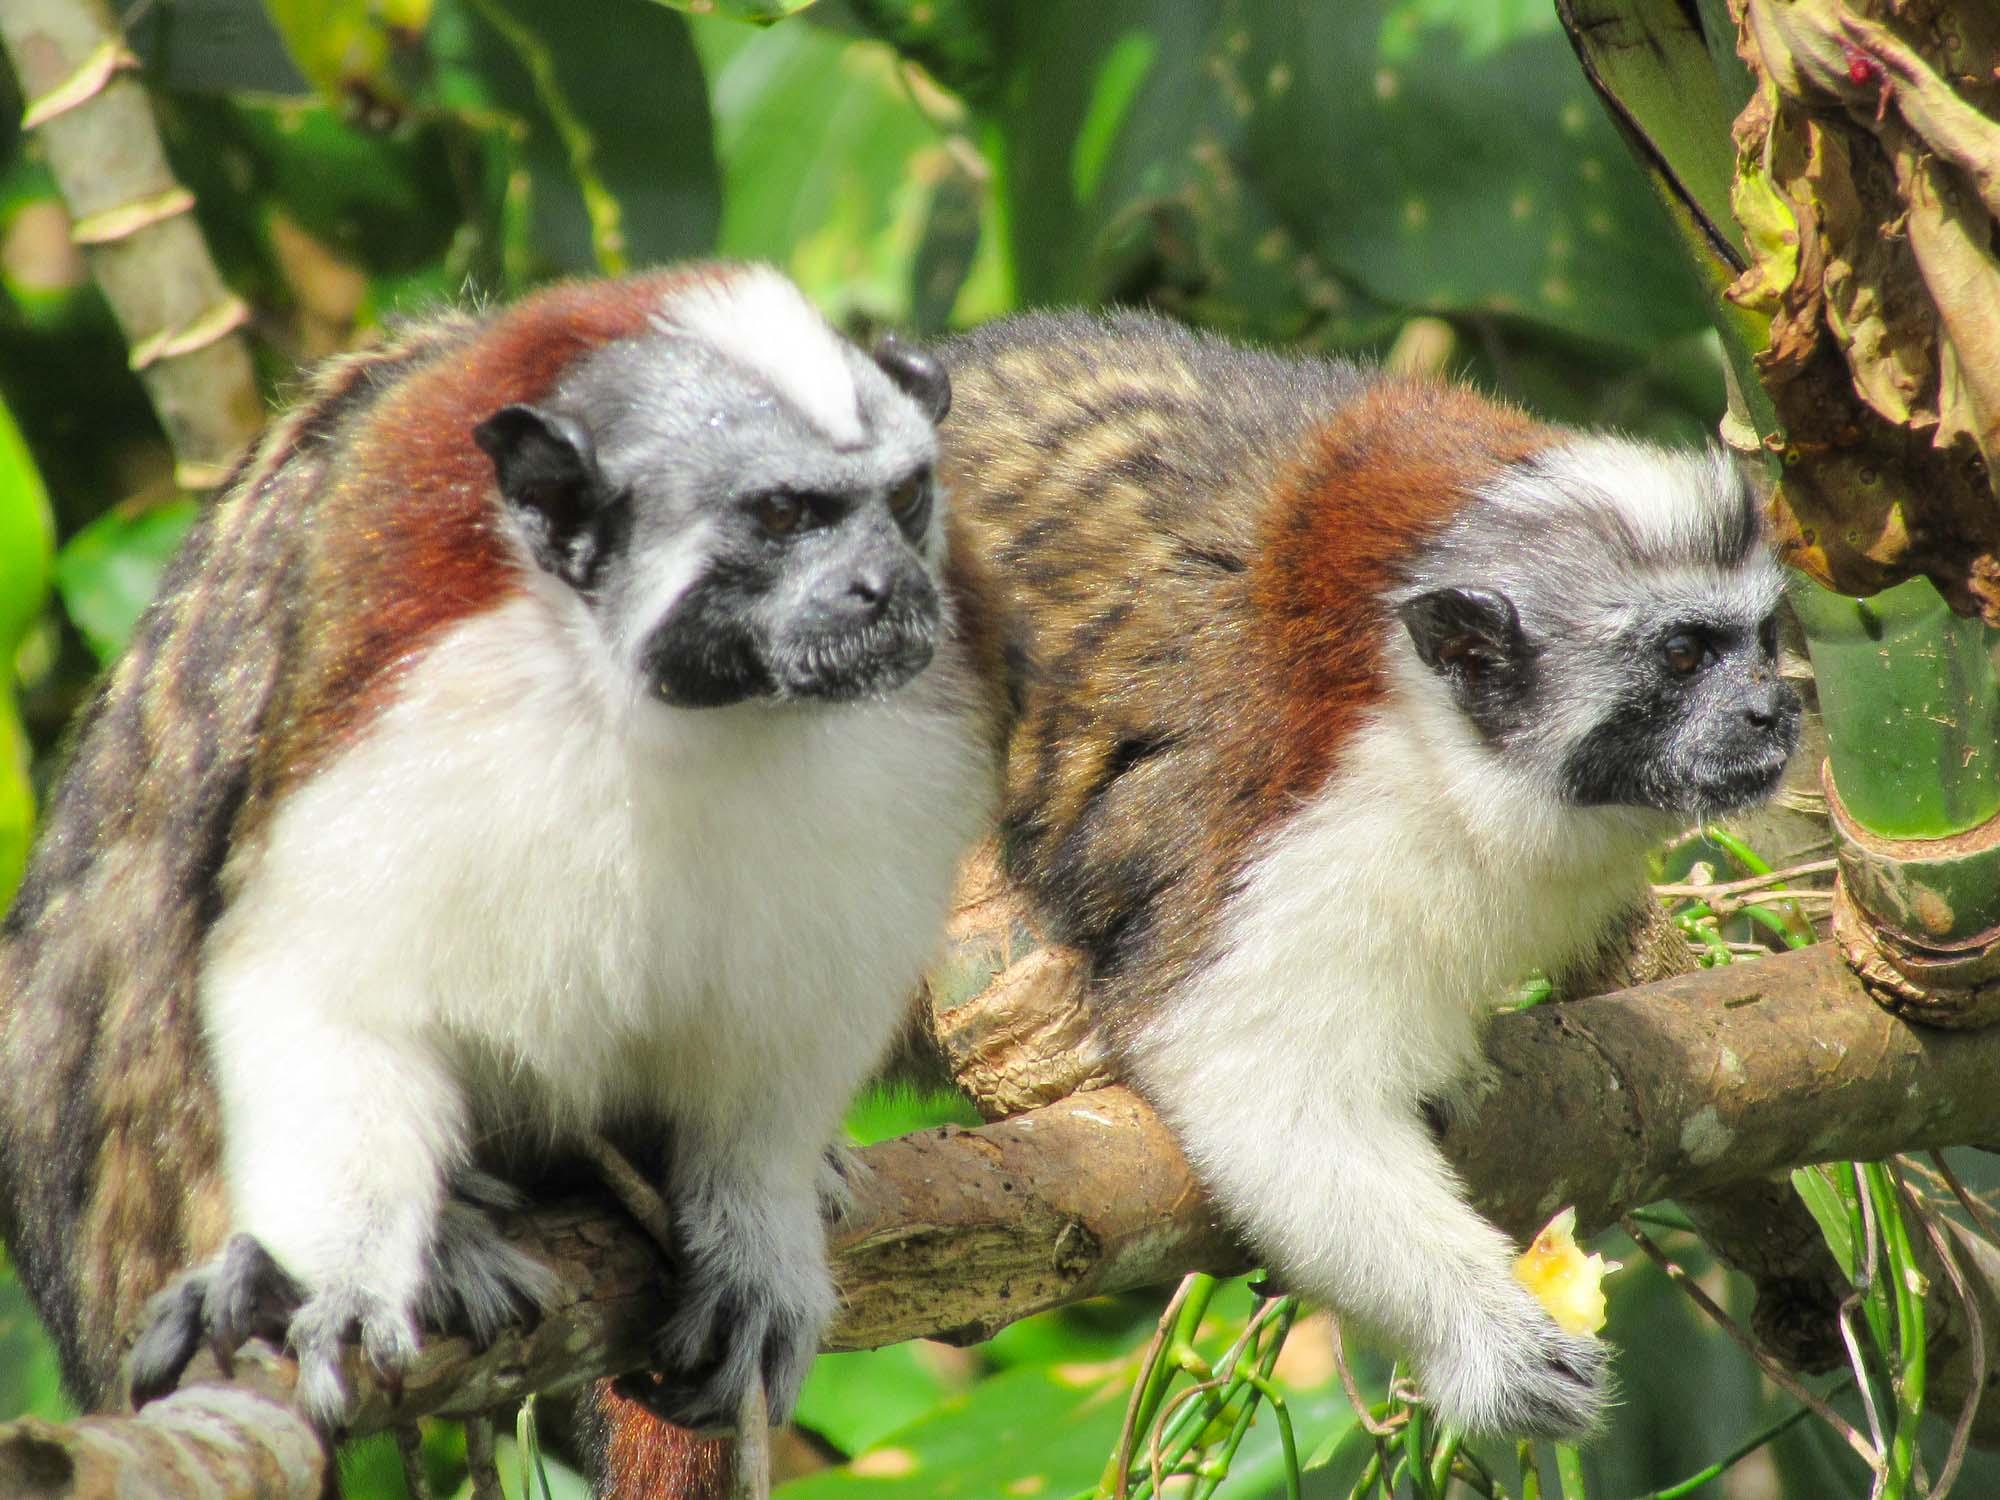 Pair of titi or Tamarin monkeys on Monkey Island